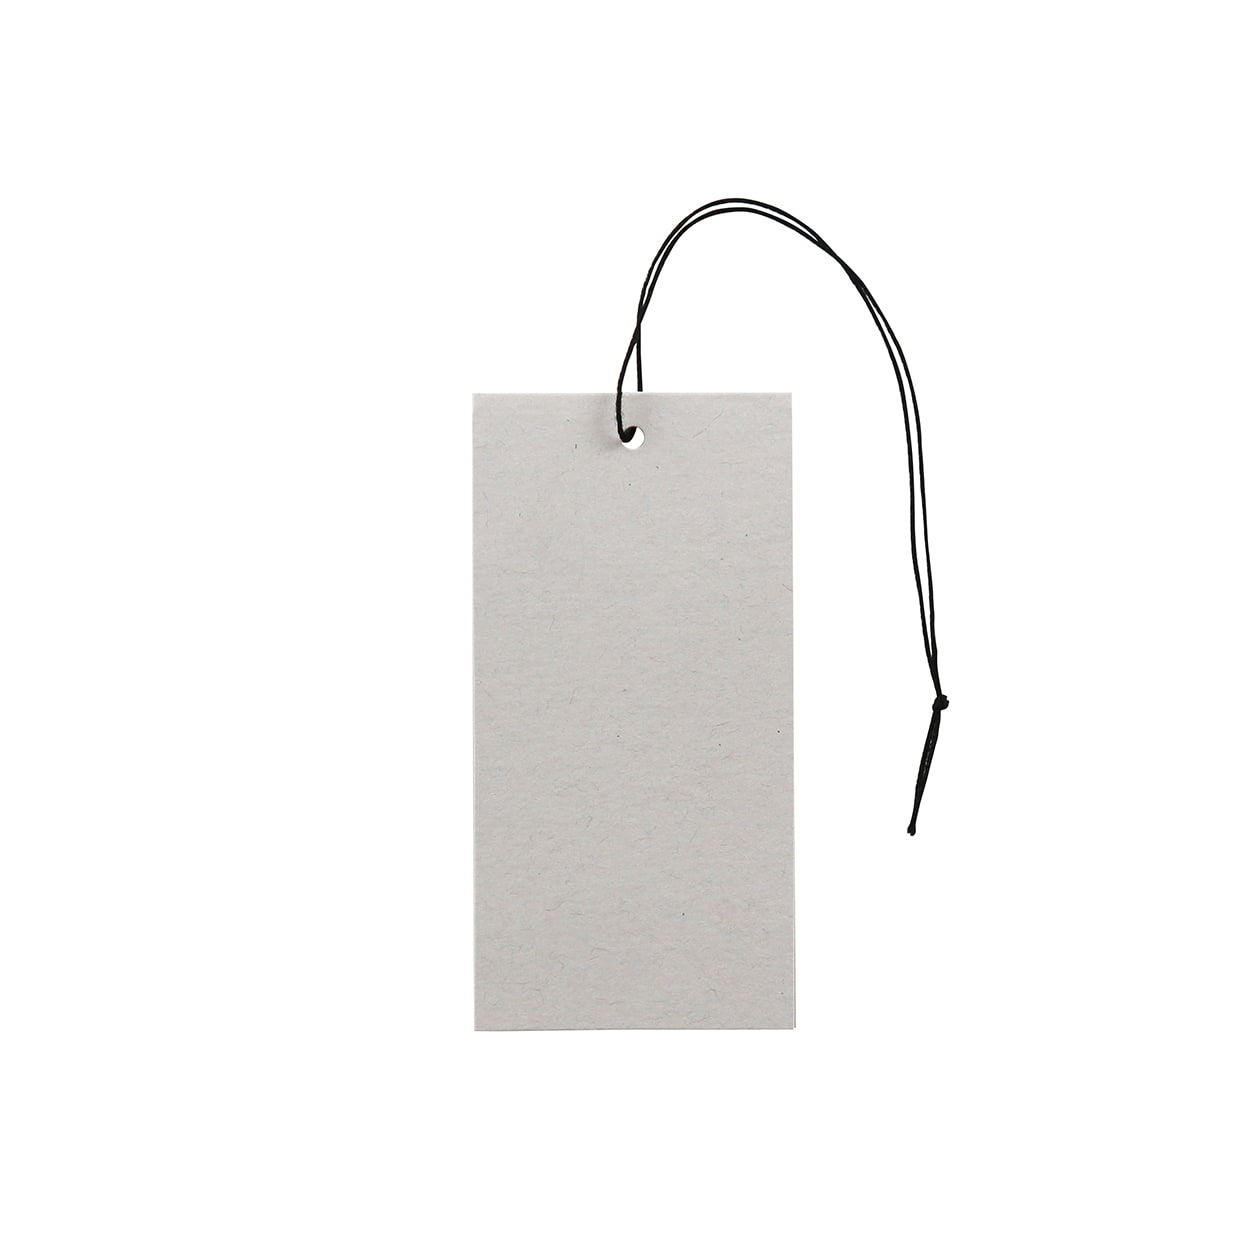 サンプル カード(タグ)00508